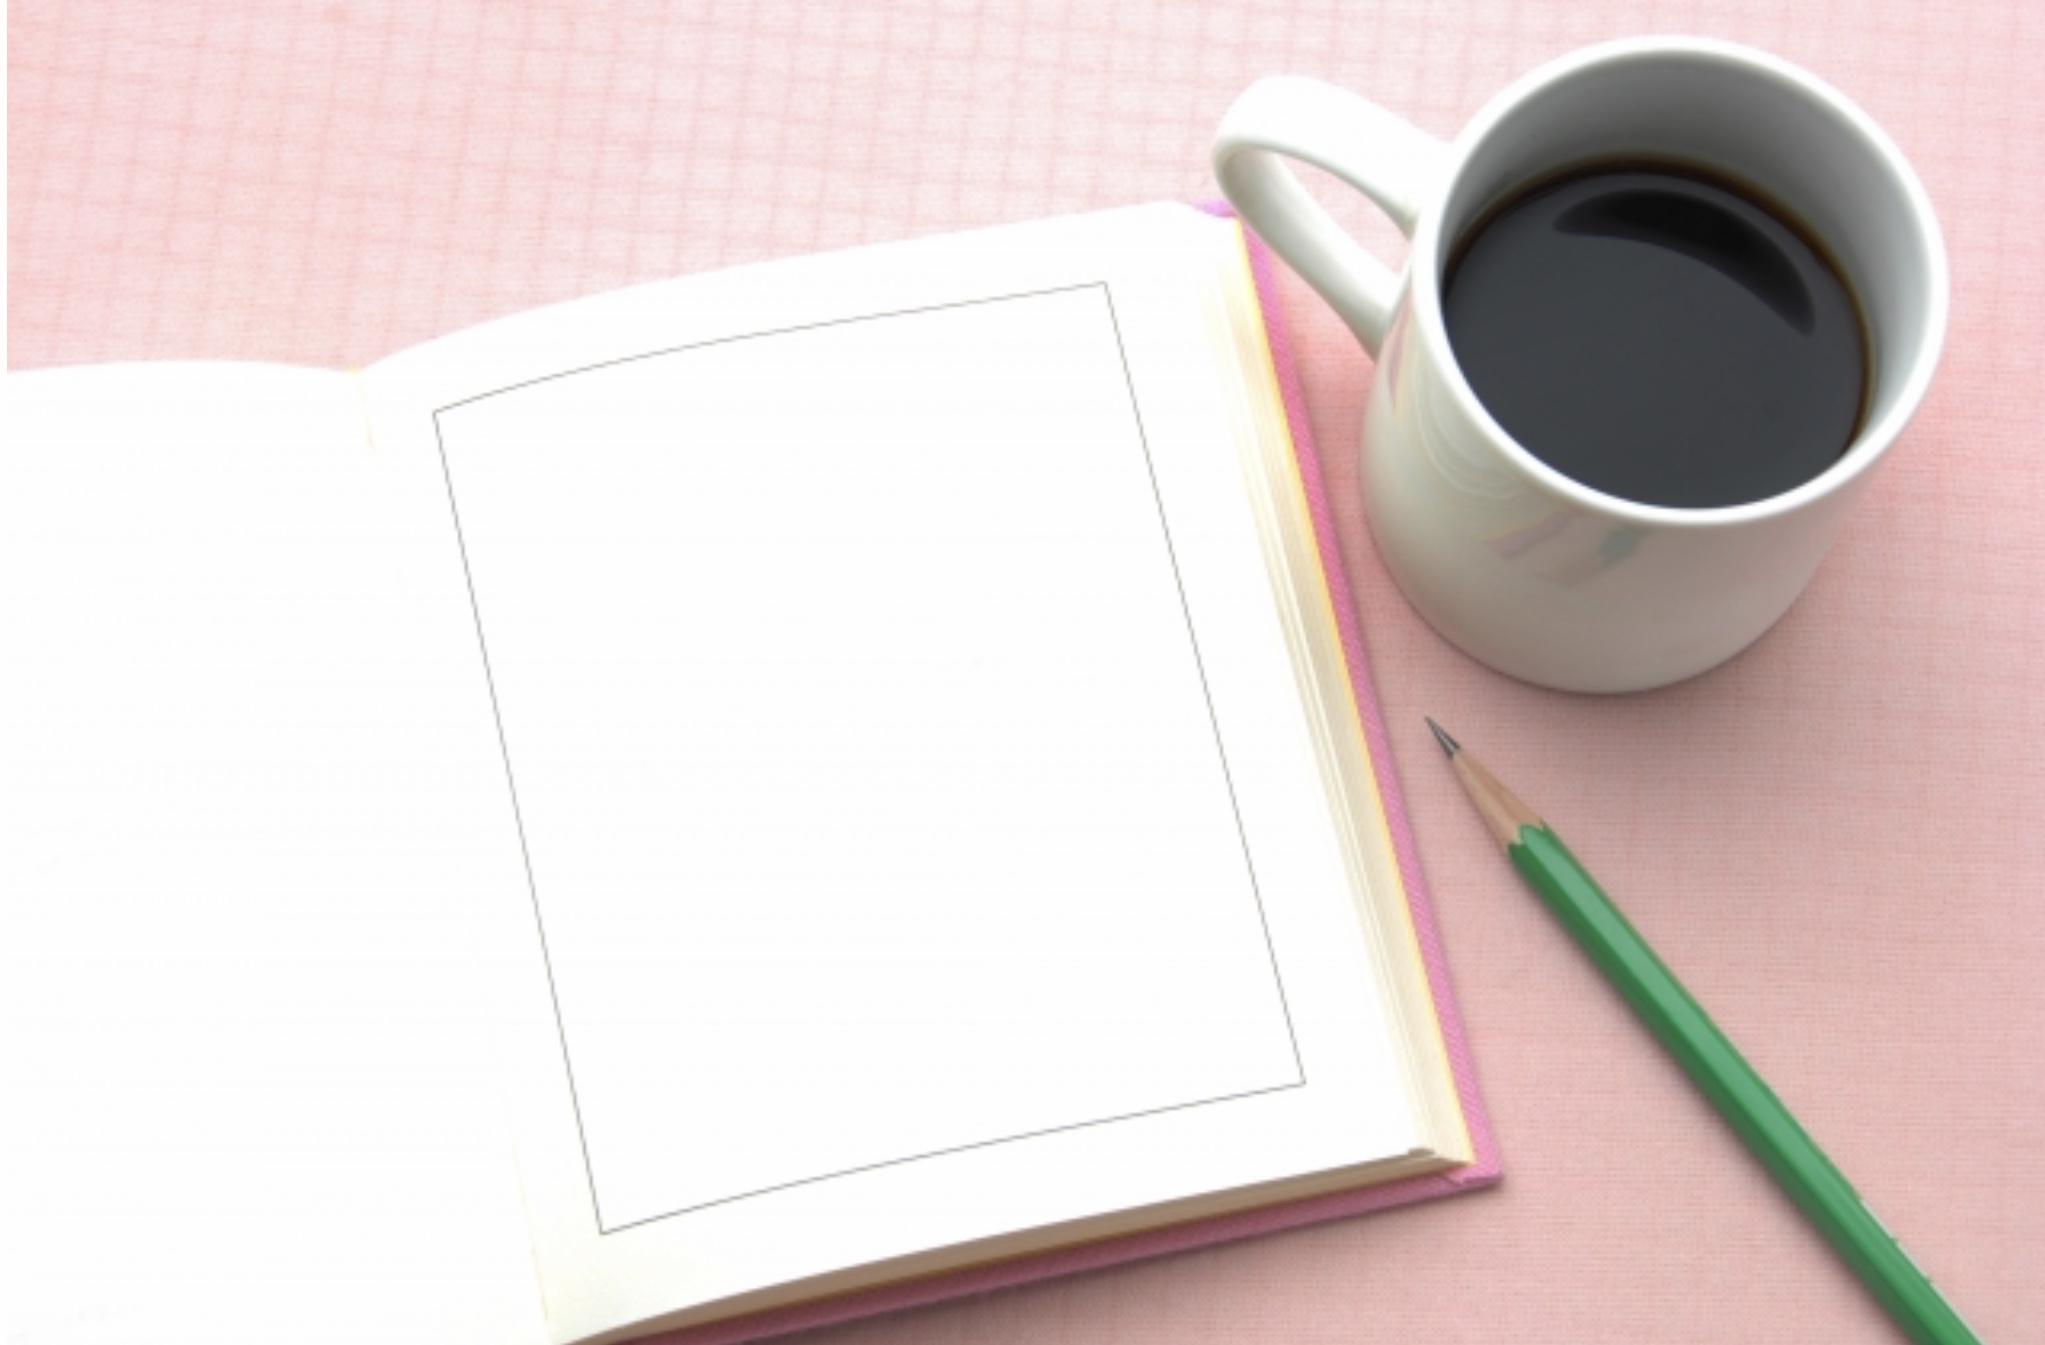 軽度の失語症者向け「自宅できるリハビリ」日記のすすめ